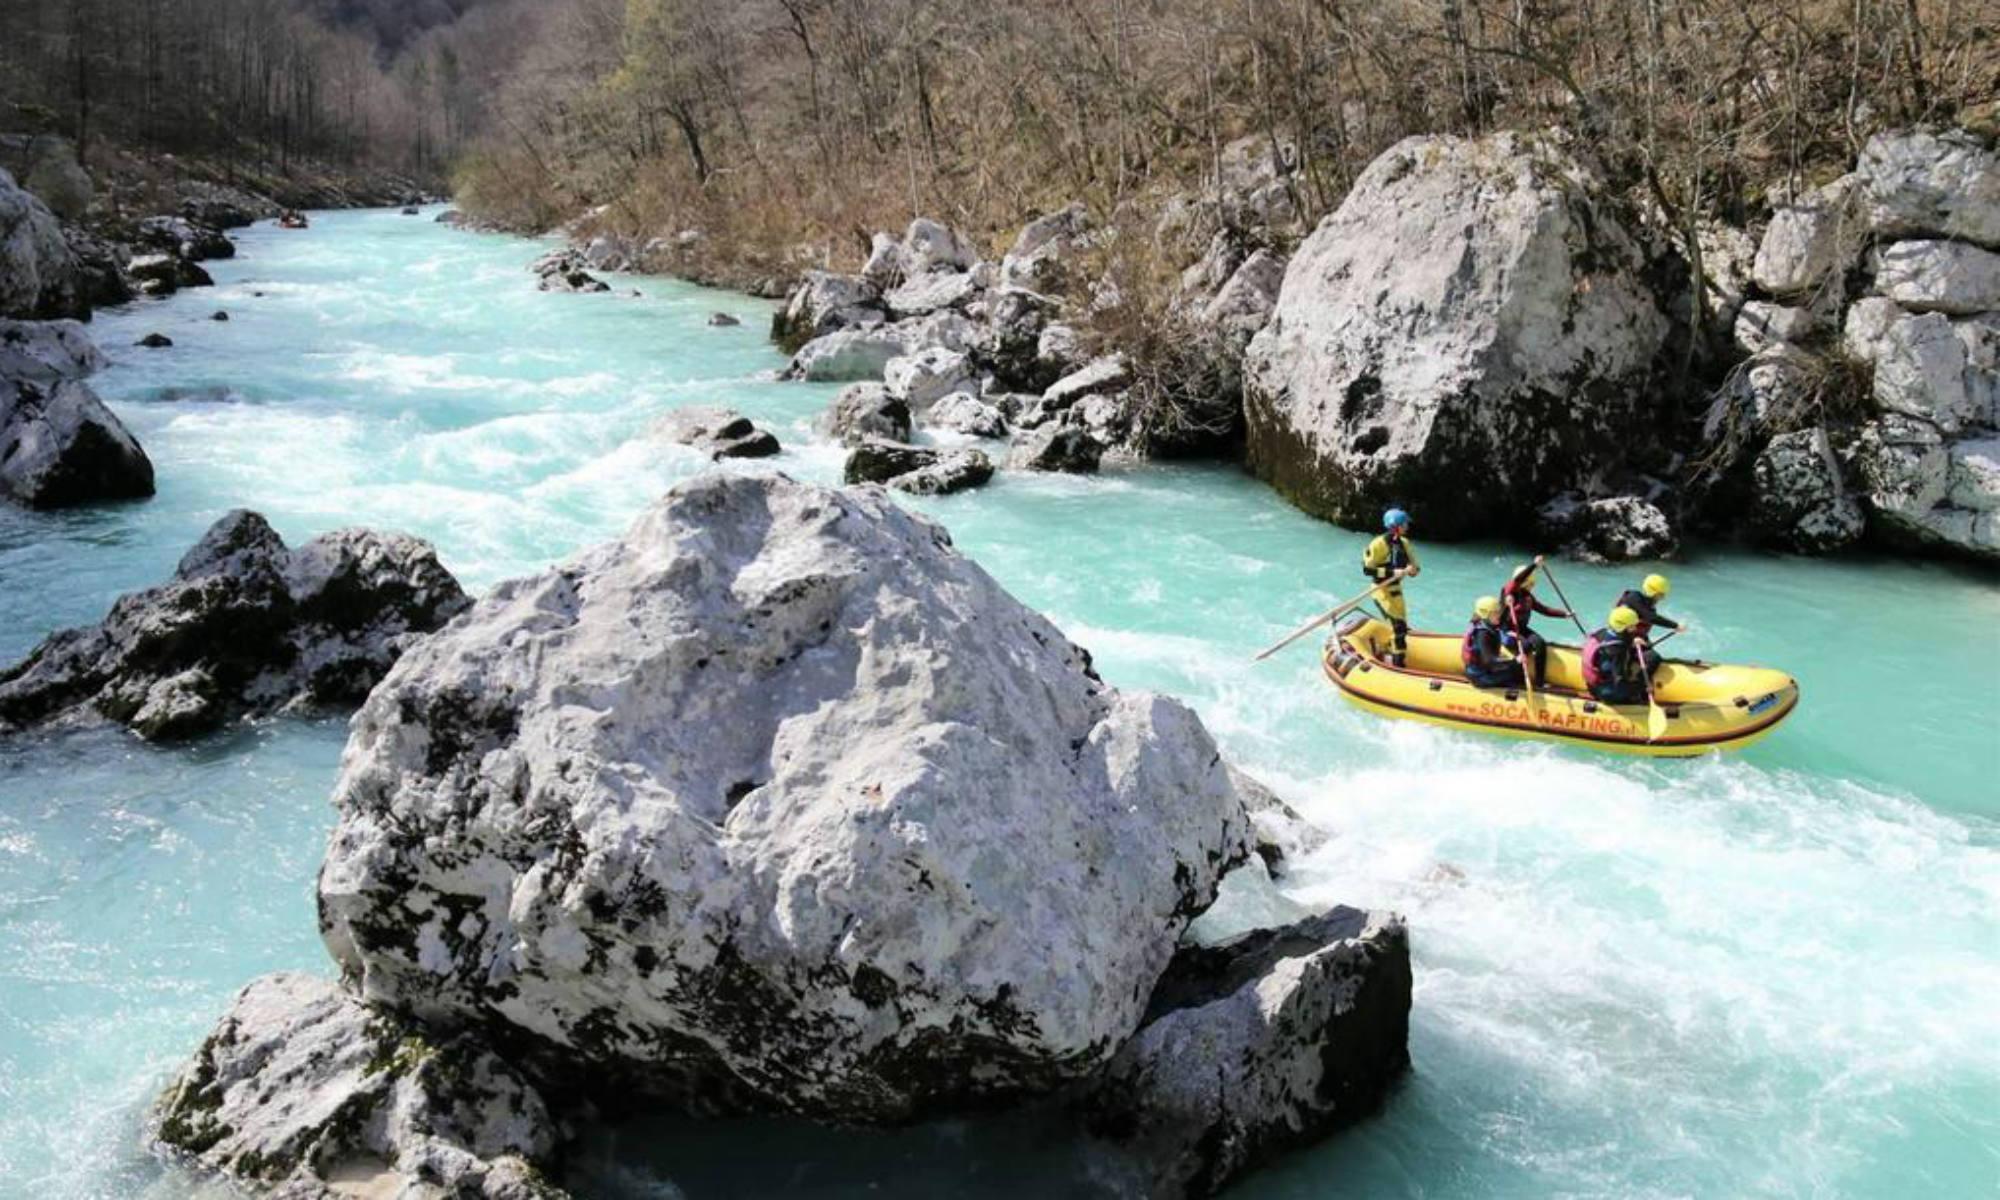 Eine Gruppe von Personen fährt bei ihrer Rafting Tour durch felsige Hindernisse auf der Soča.